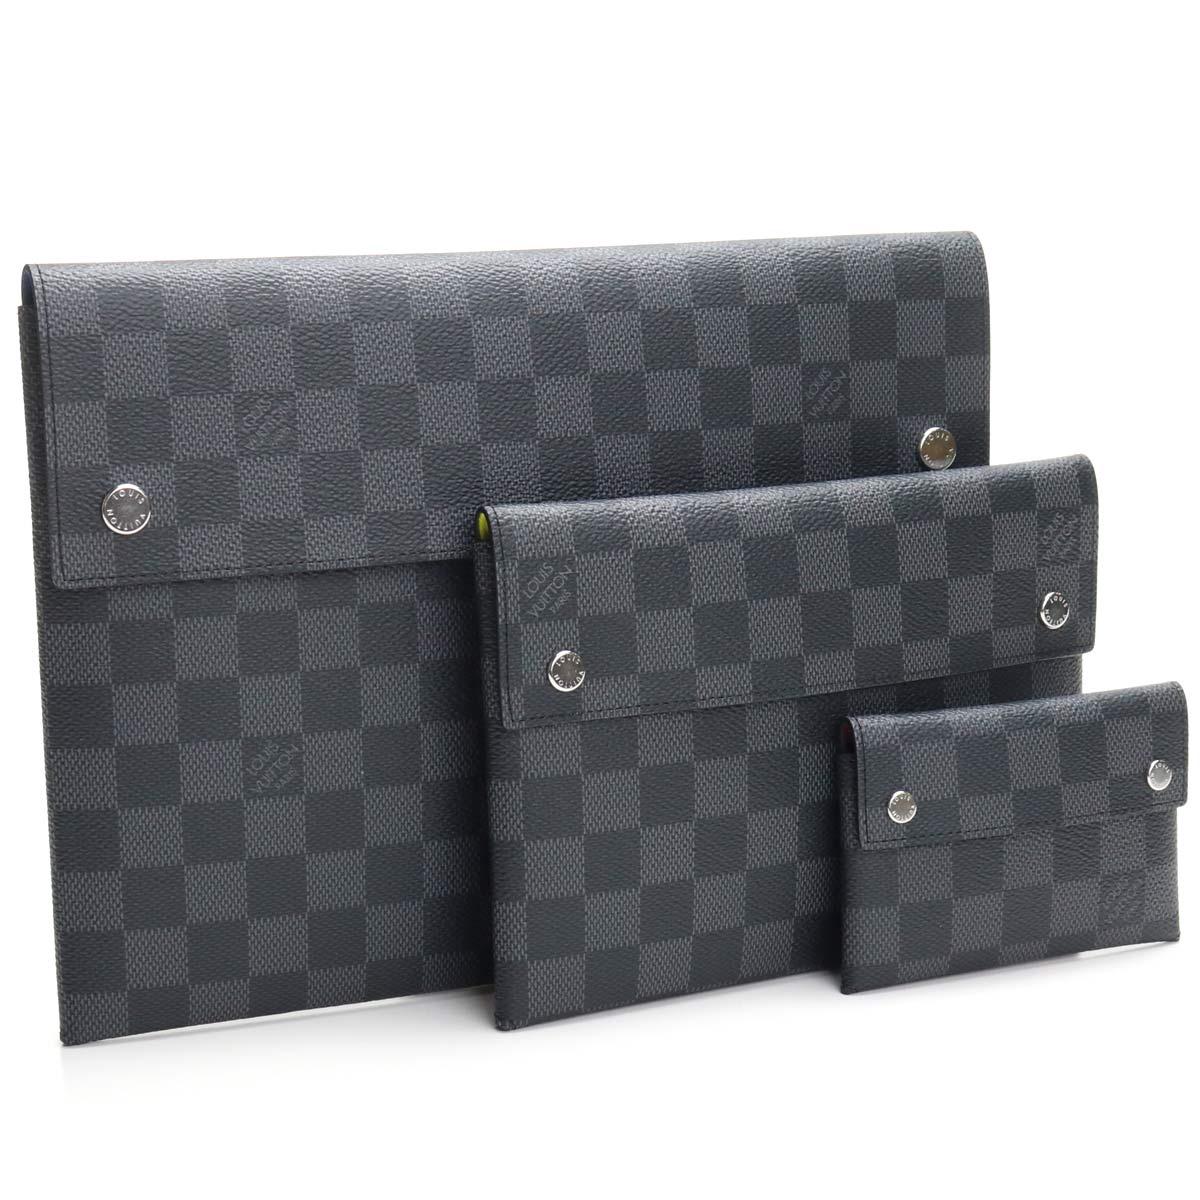 ルイ ヴィトン LOUIS VUITTON グラフィット クラッチバッグ N60255 グラフィット ブラック グレー系 メンズ